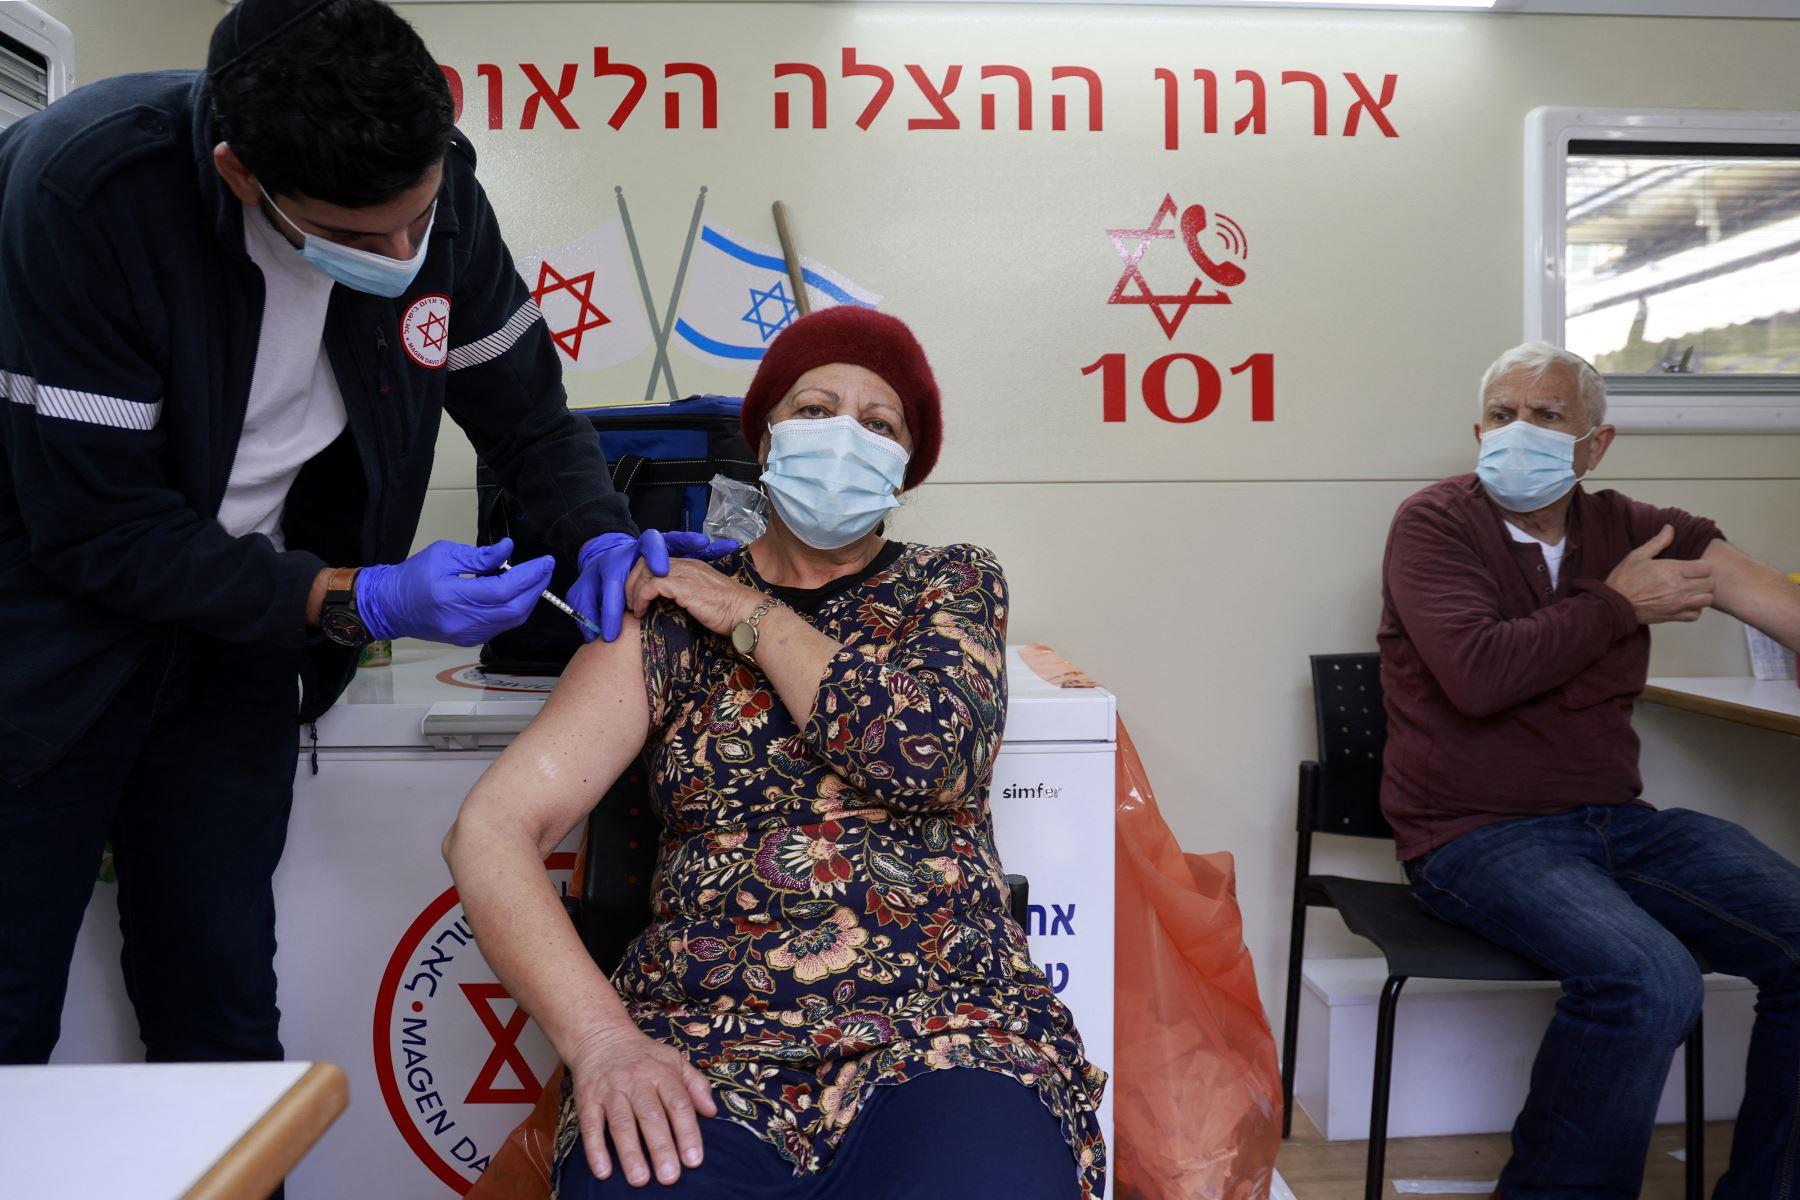 Un paramédico administra una dosis de la vacuna contra el coronavirus de Pfizer BioNTech a una mujer dentro de una clínica móvil de Magen David Adom en el mercado Mahane Yehuda en Jerusalén, el 22 de febrero de 2021. Foto: AFP